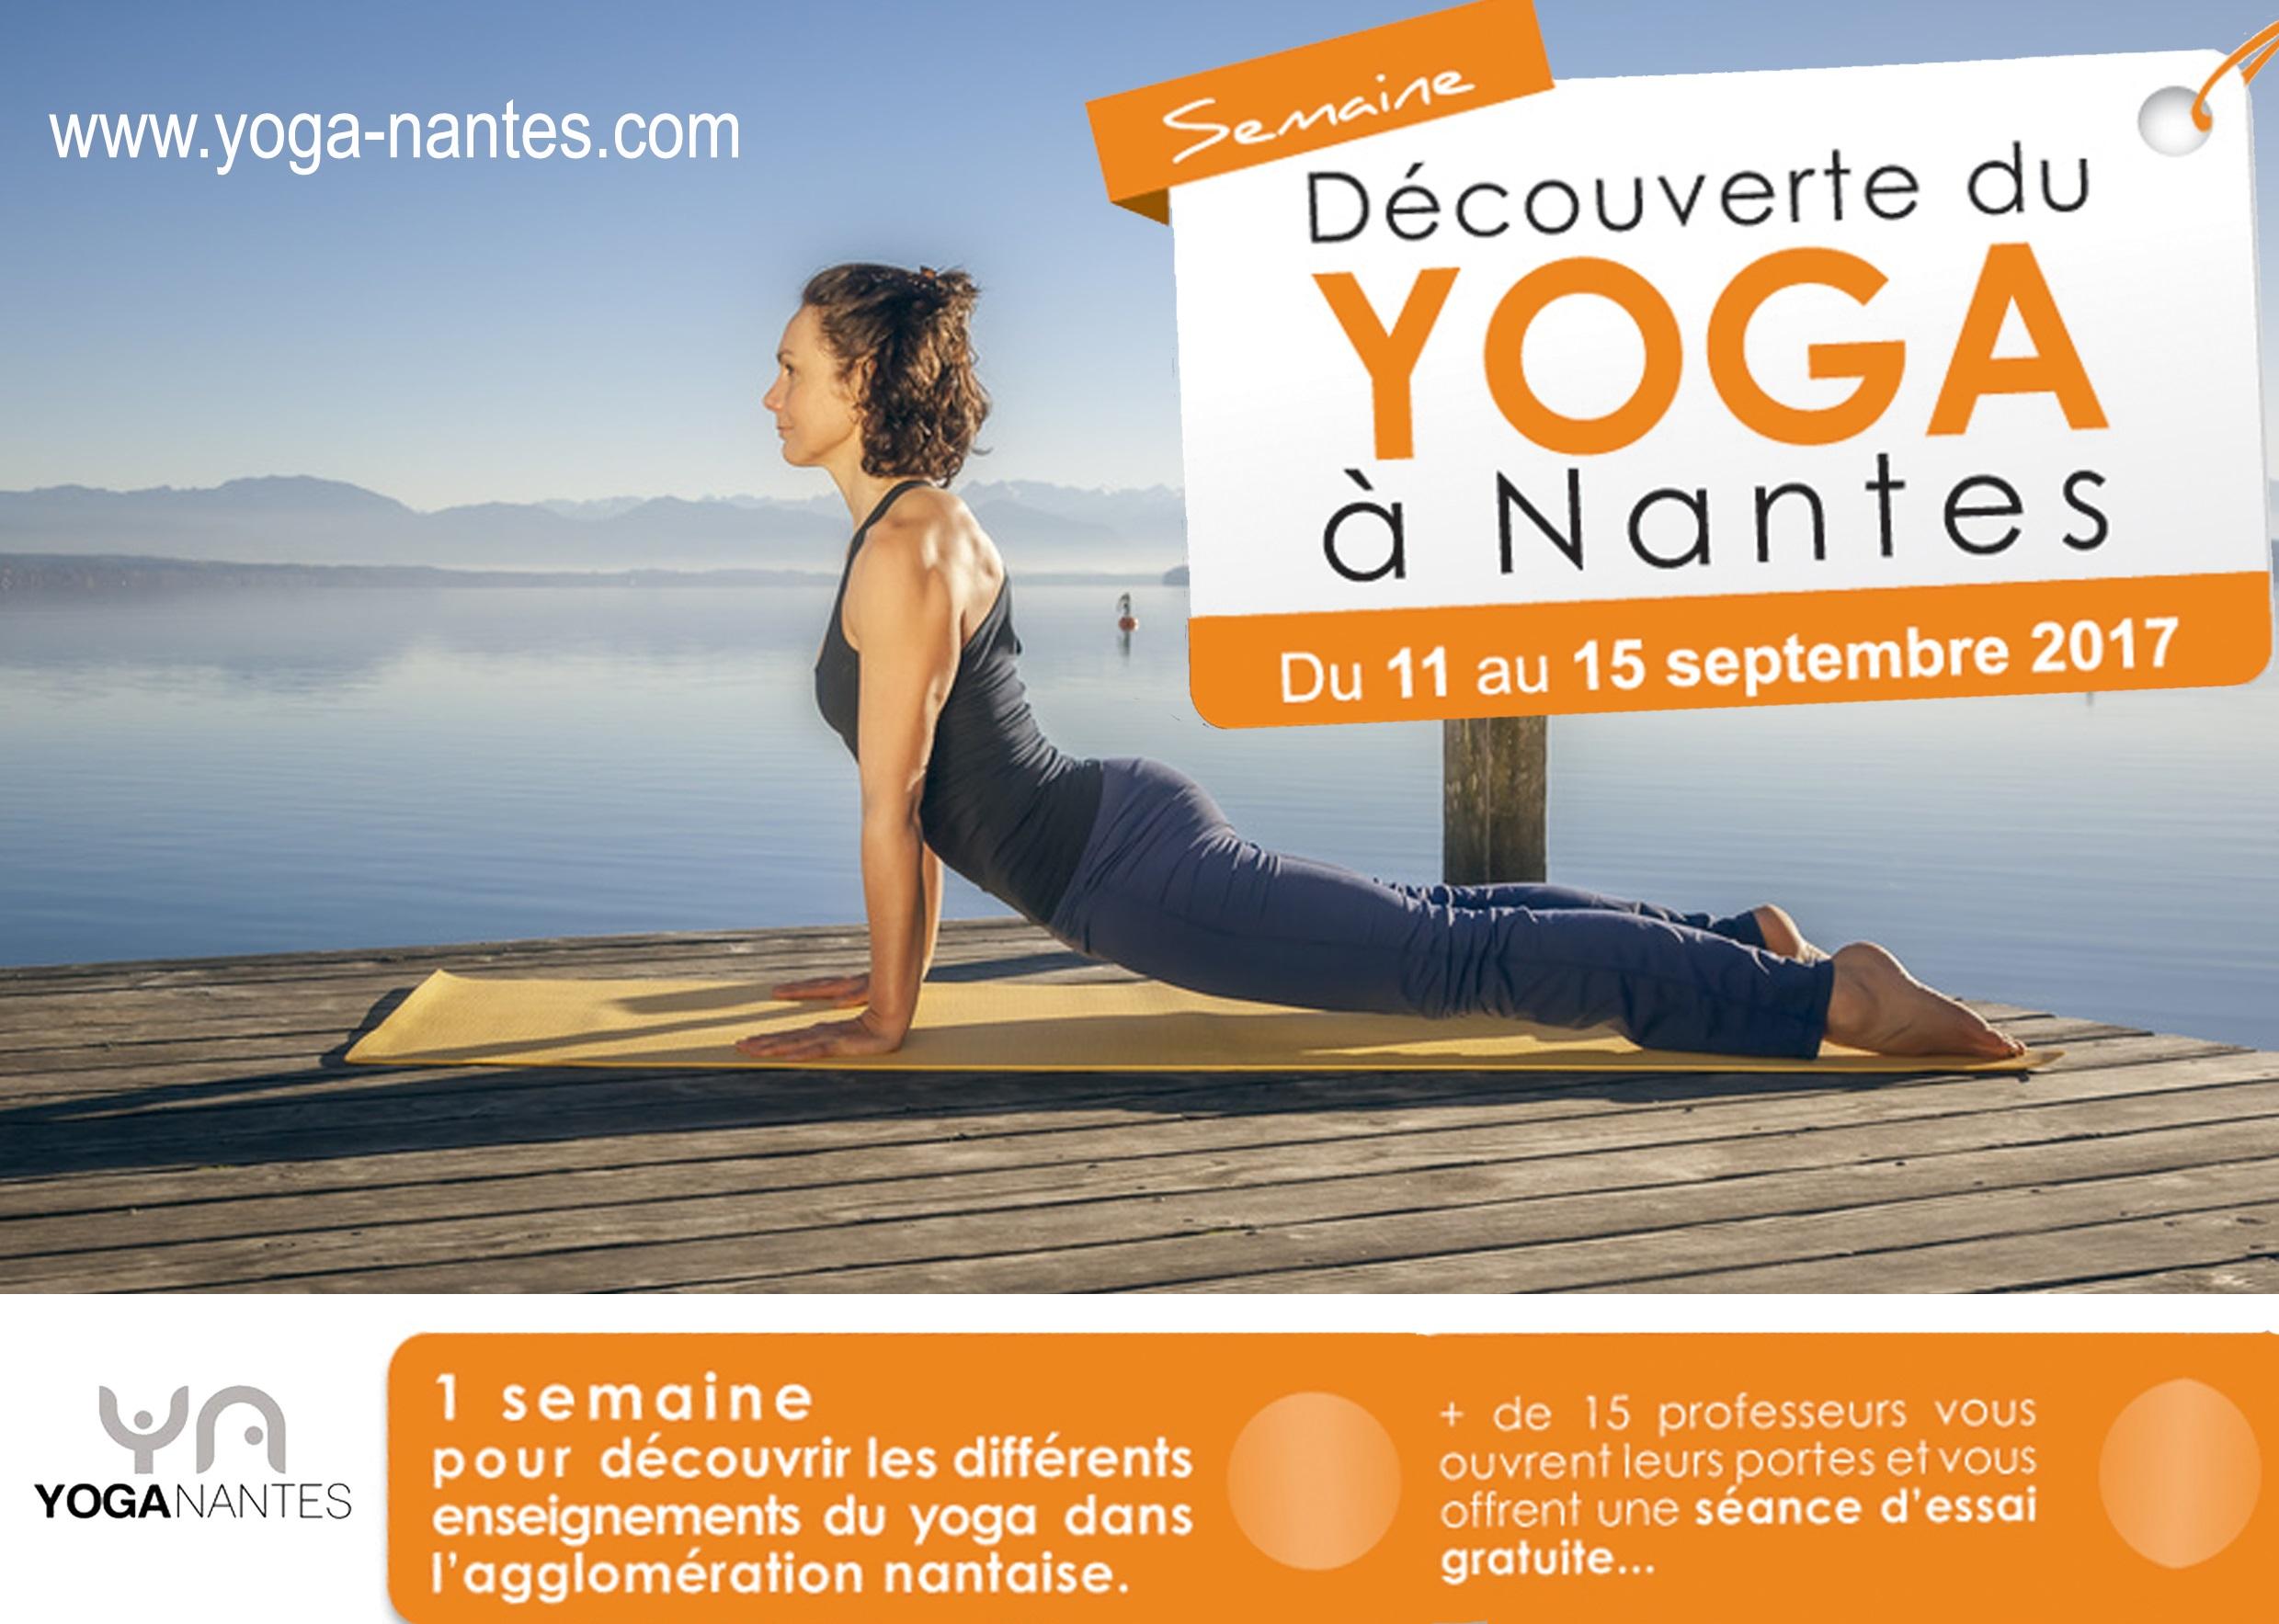 semaine découverte du Yoga à Nantes 2017